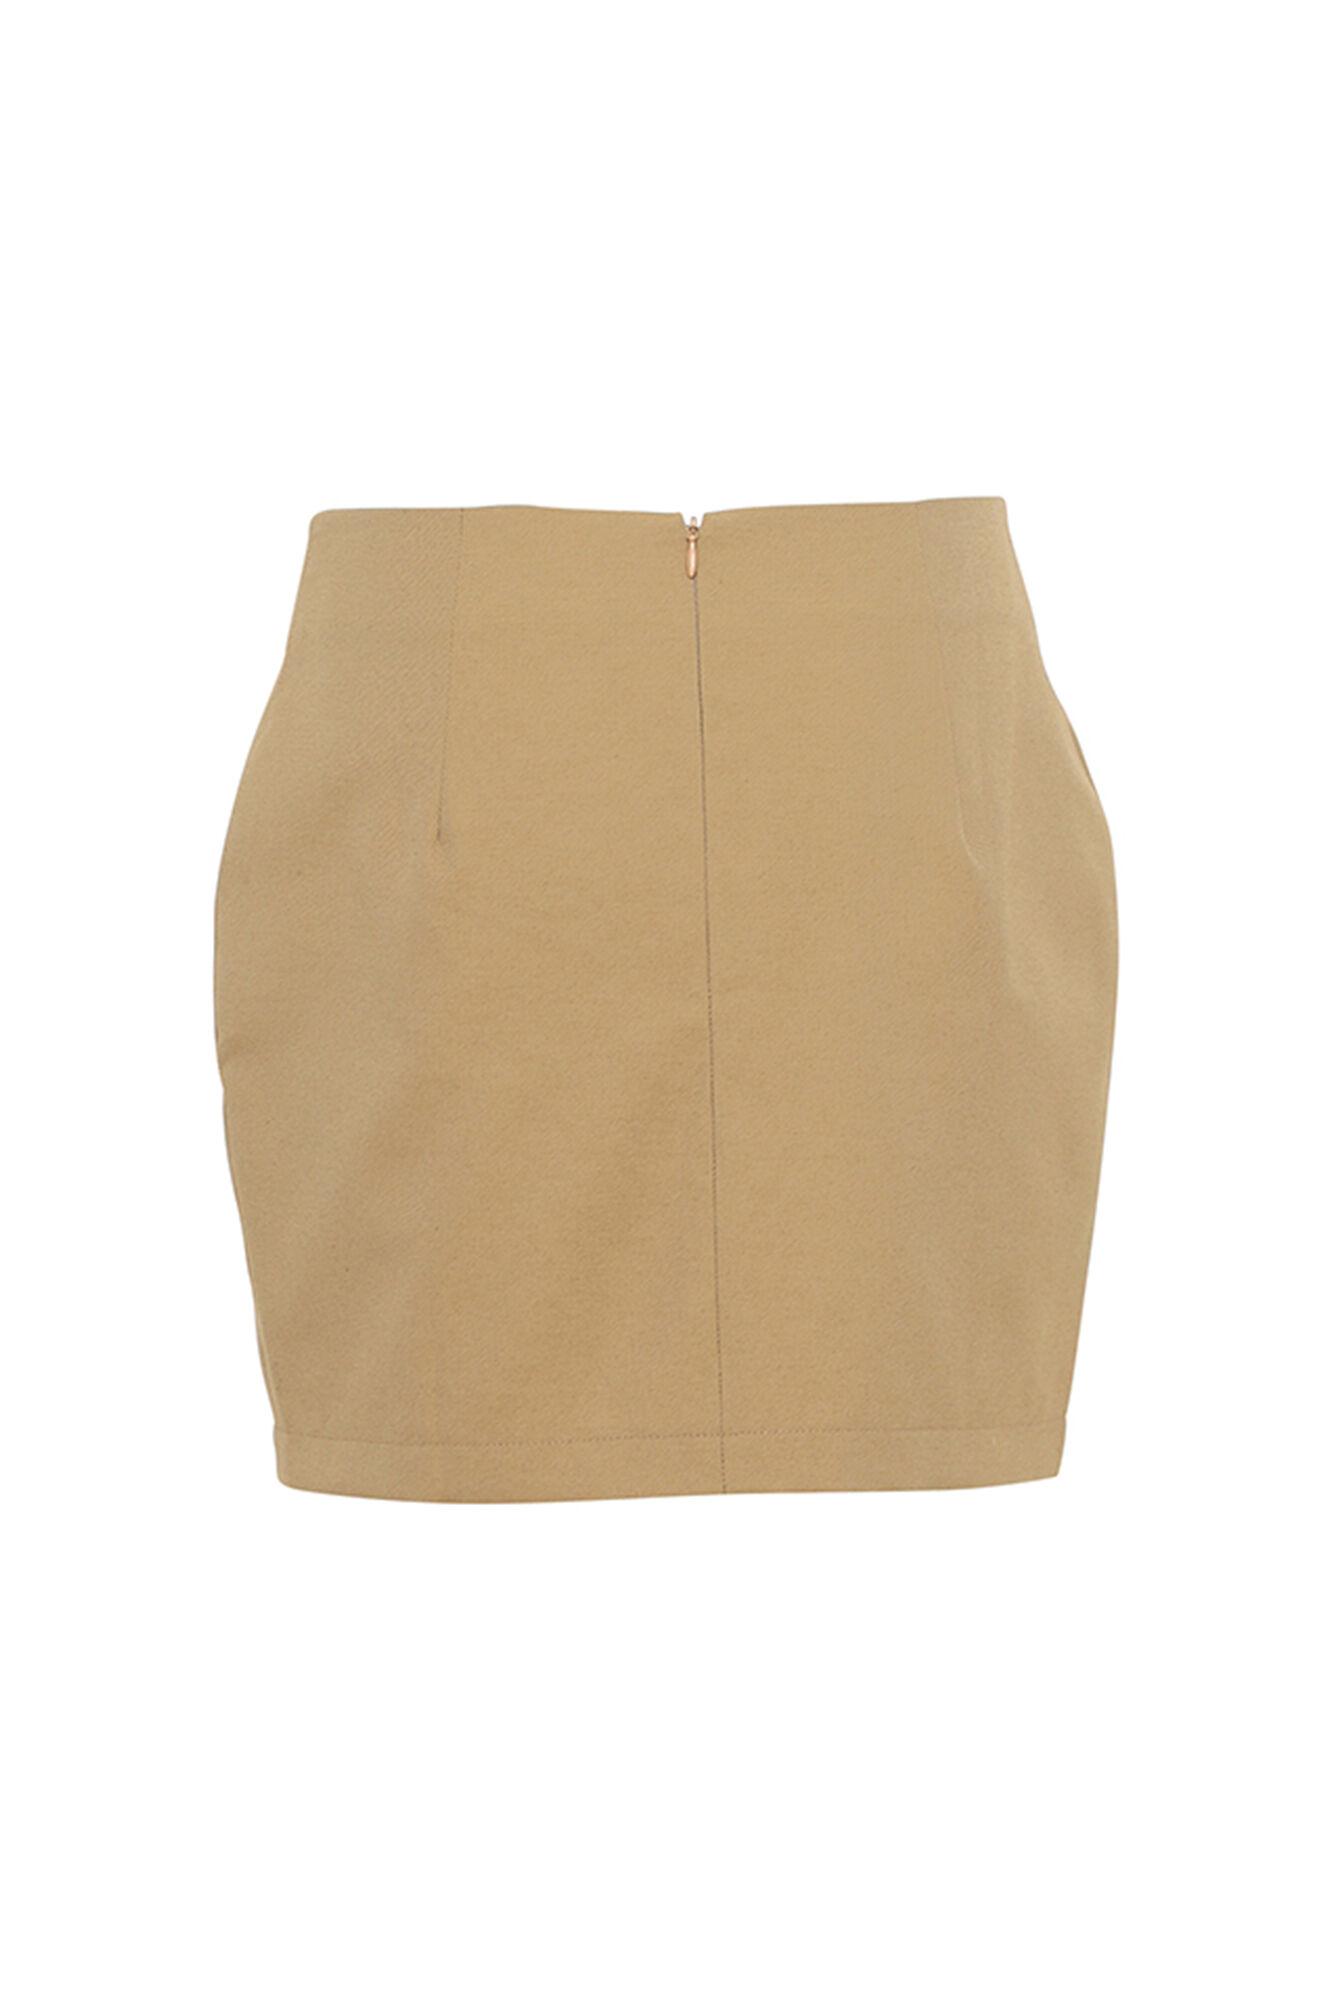 Ils Skirt 3173550, CAMEL